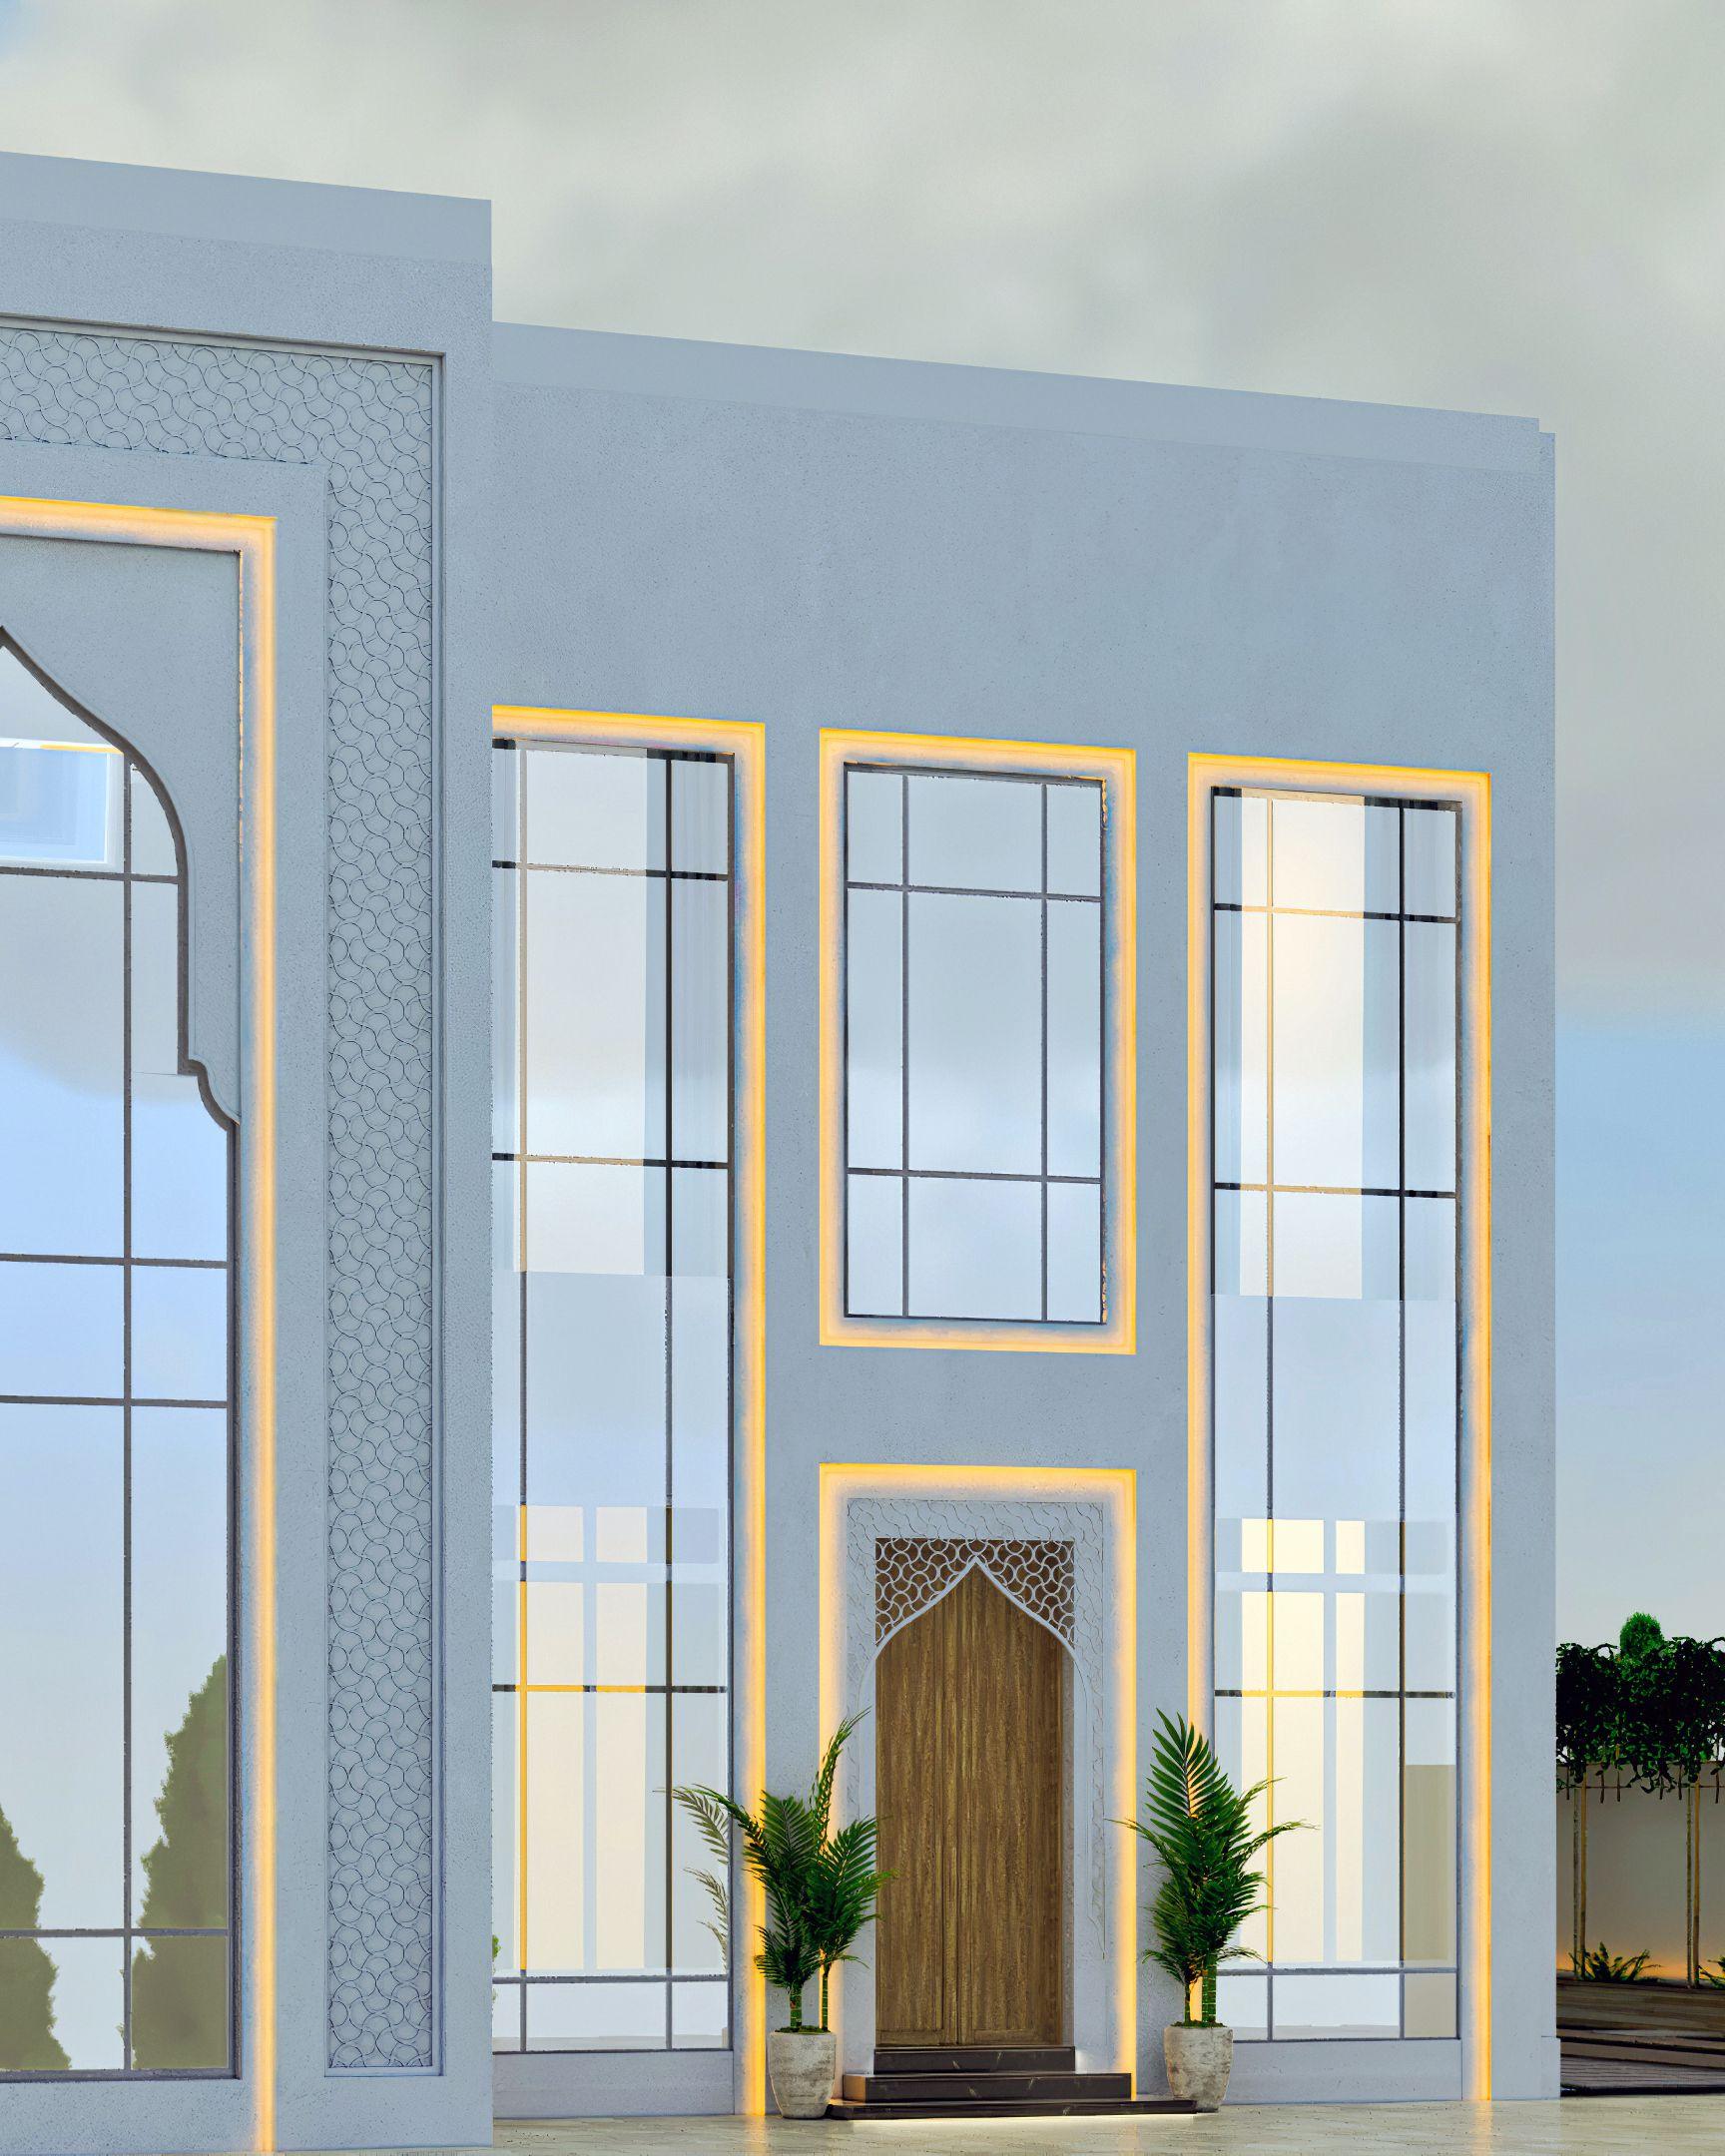 للمزيد من التصاميم والأستشارات Mazen Interior House Front Design House Front Design